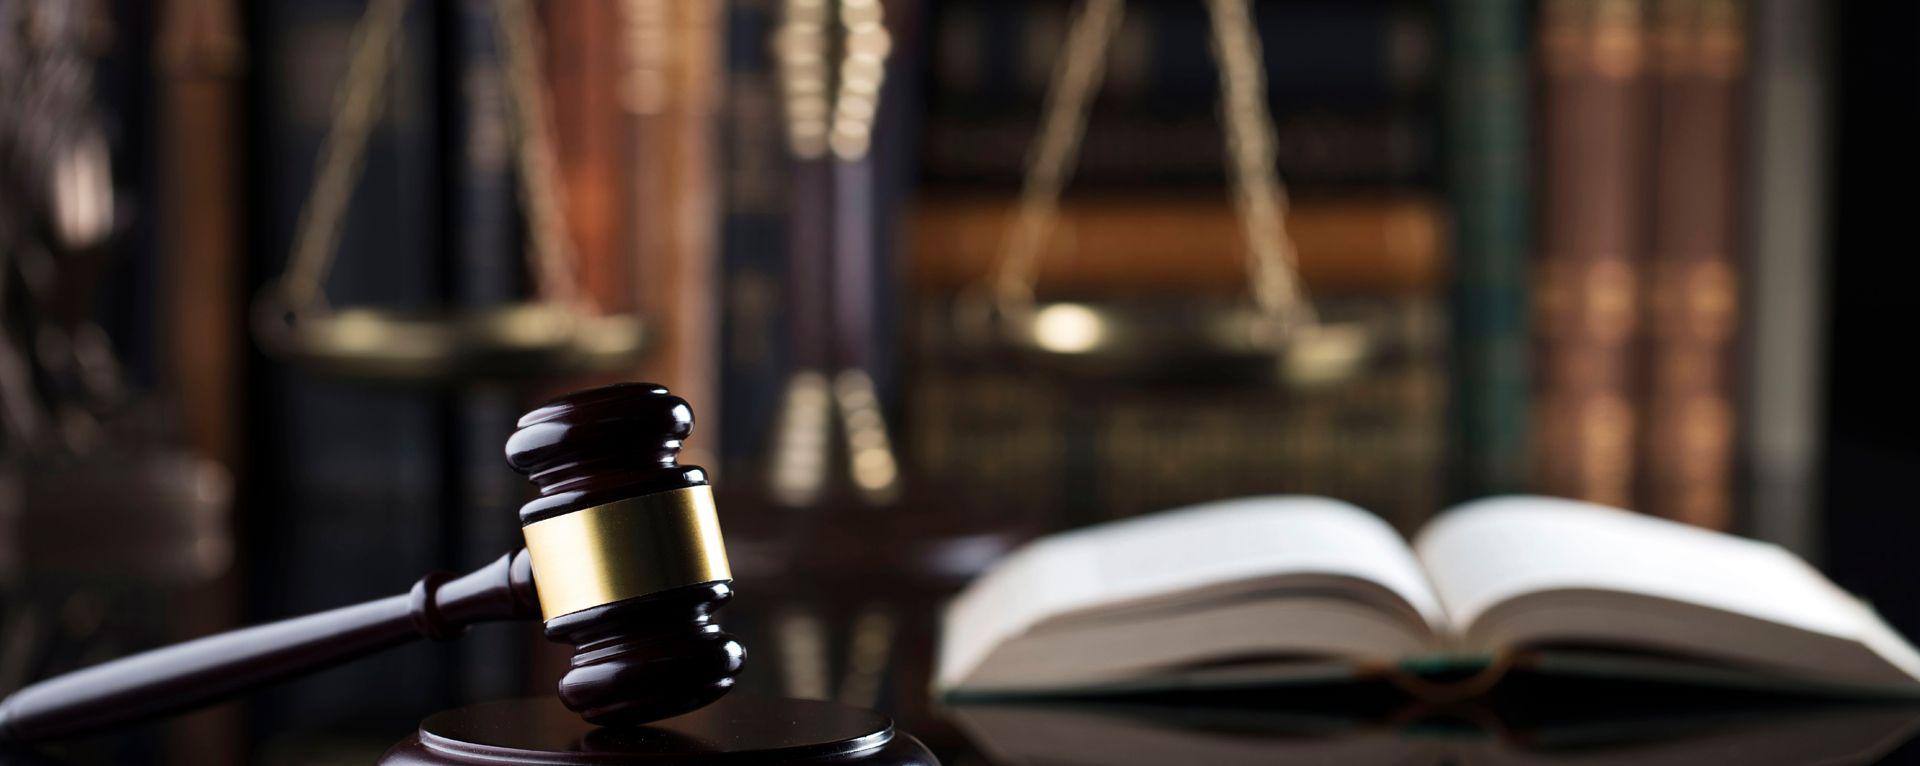 Almashhori Lawyer Good Lawyers Law Firm Lawyer